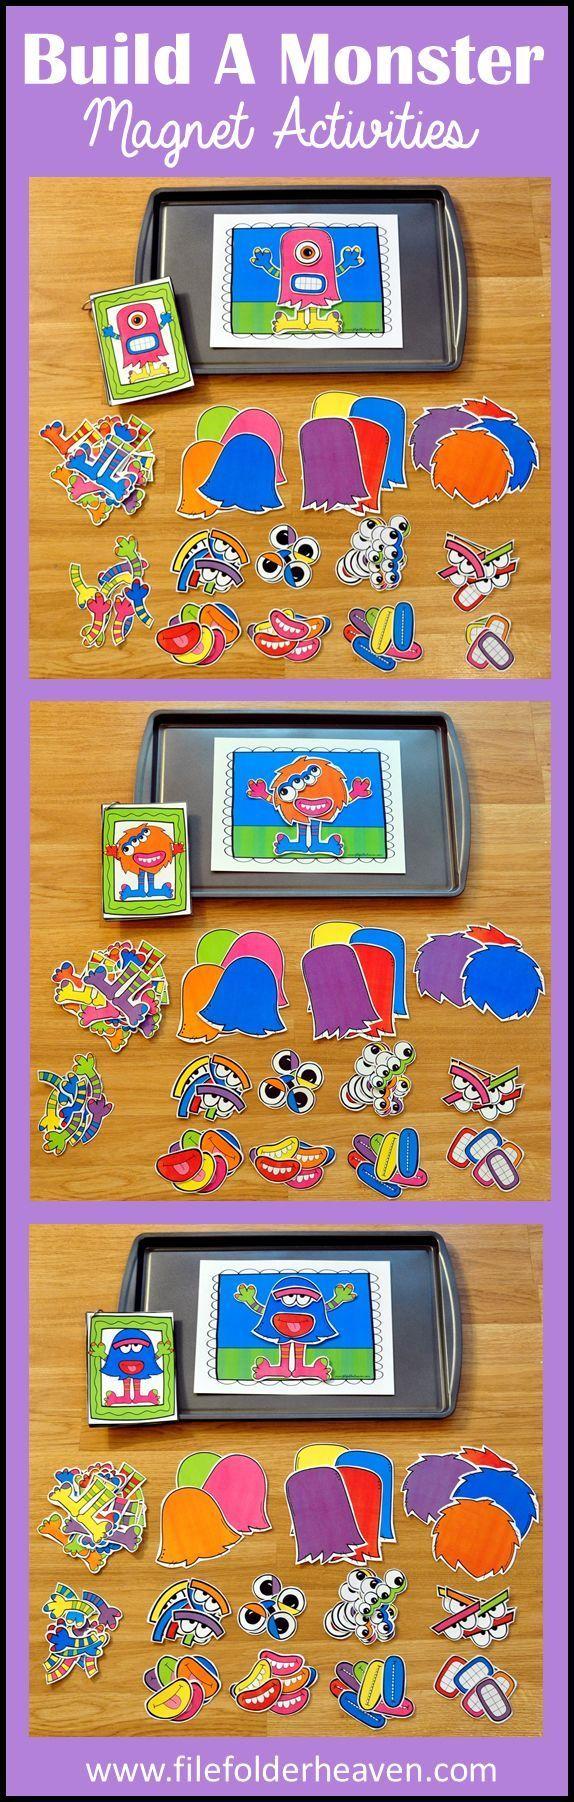 Magnets Lesson Plans and Lesson Ideas - BrainPOP Educators